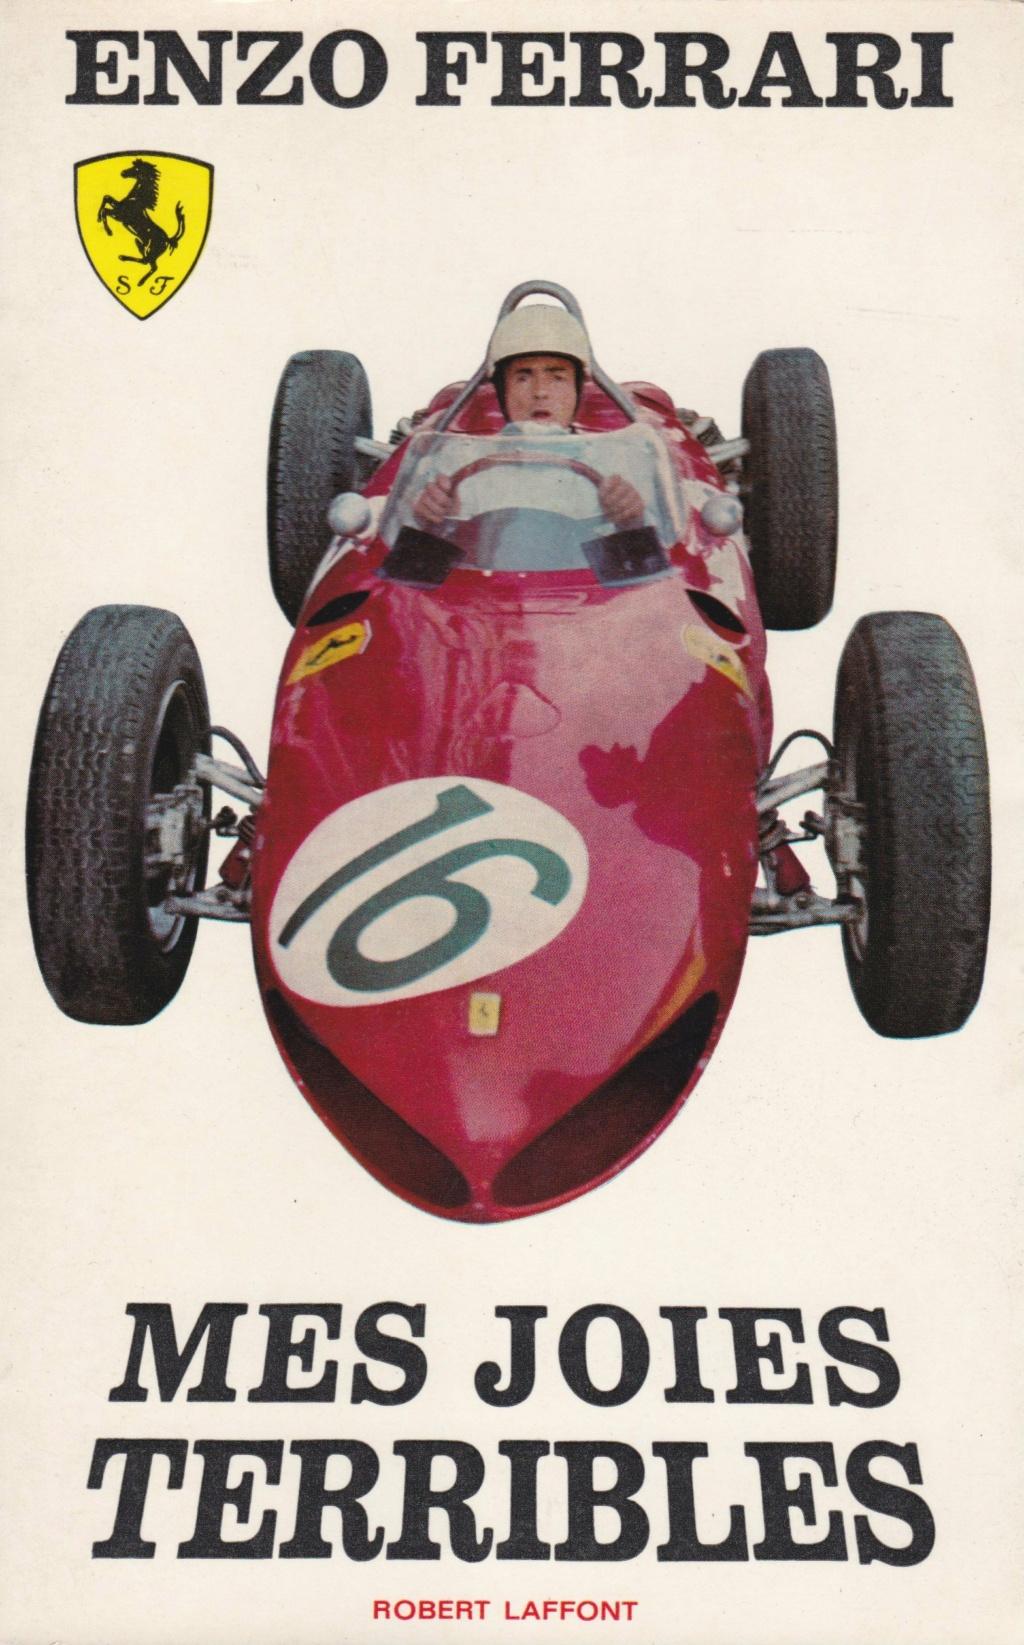 Les insolites du sport automobile. - Page 7 Enzo10